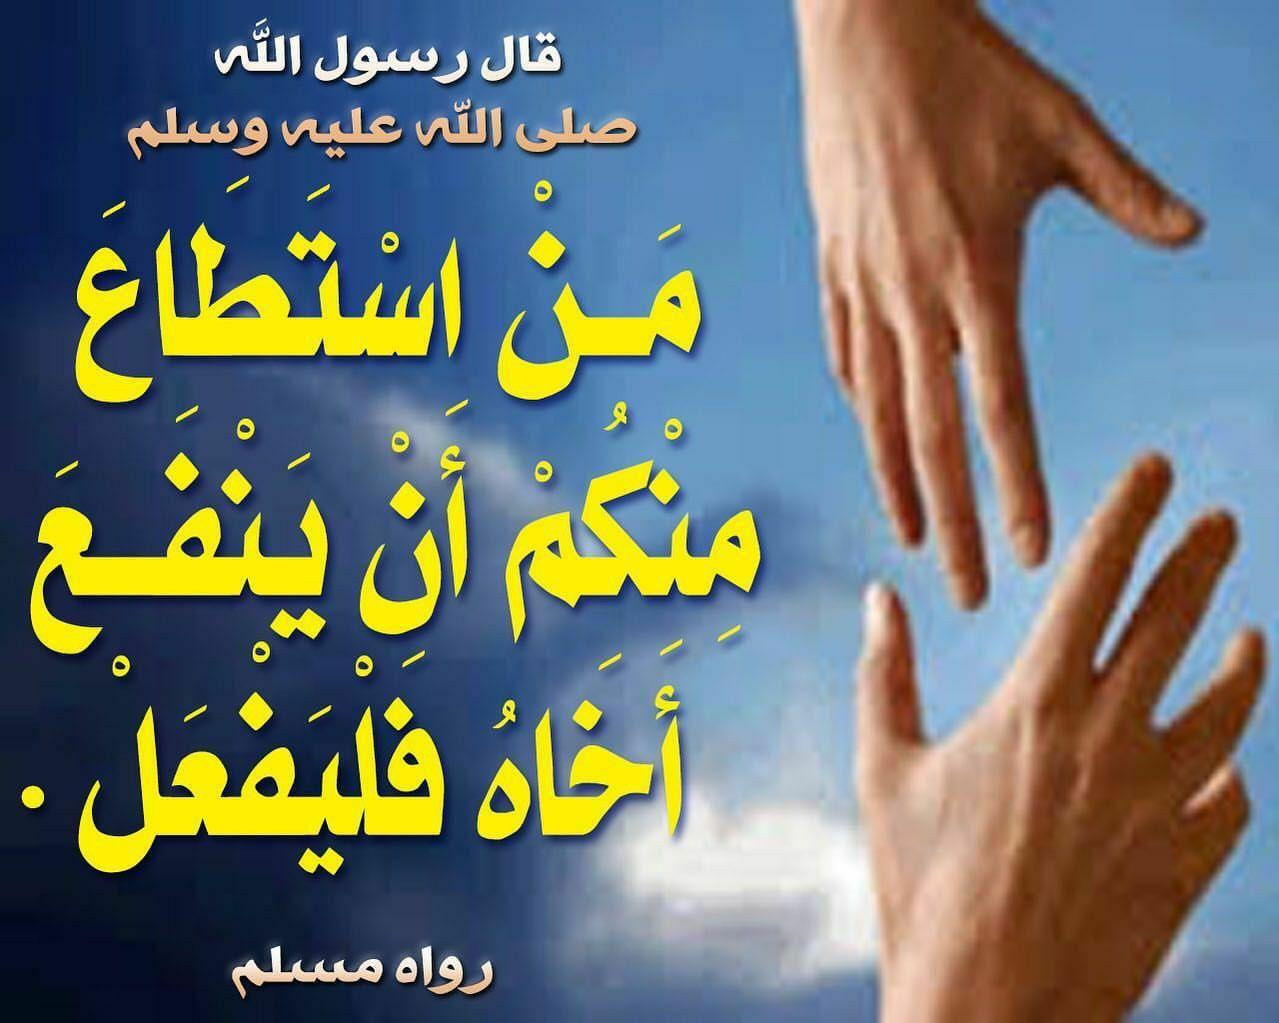 Pin By الراجية عفو ربها On أحاديث عن الرسول صلى الله عليه وسلم Islamic Quotes Ahadith Quotes